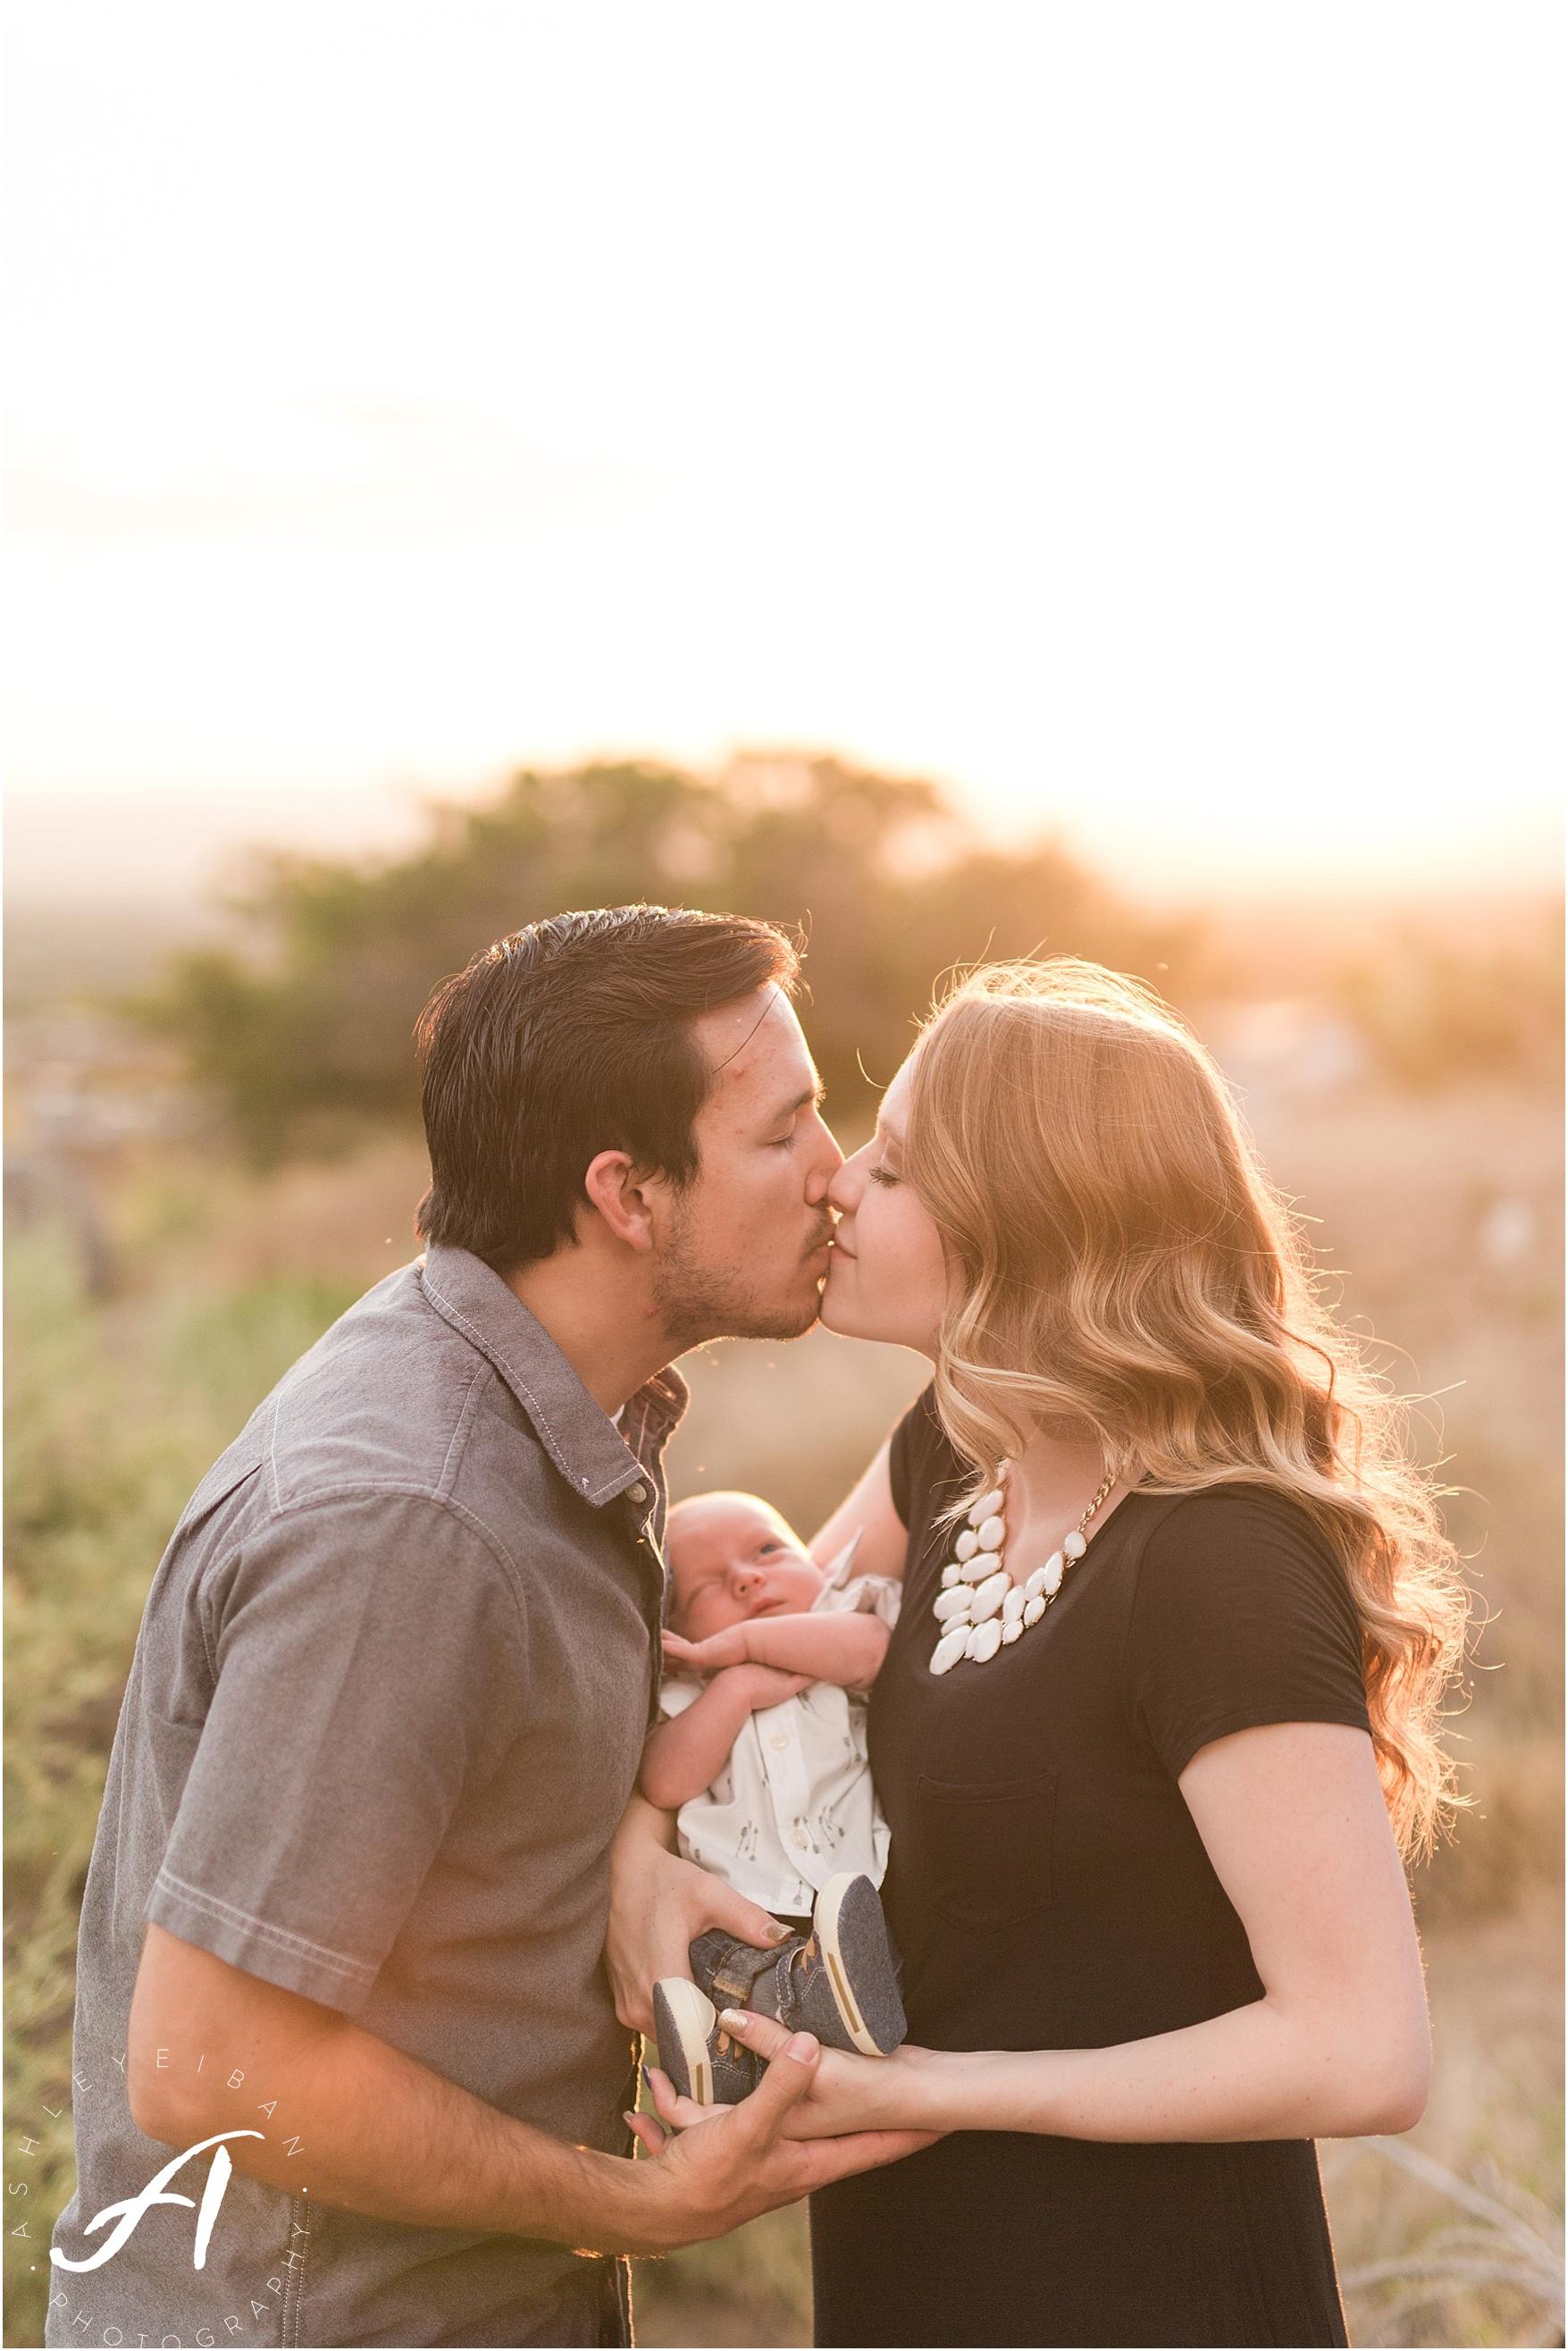 New Mexico Newborn Family Session || Ashley Eiban Photography || www.ashleyeiban.com